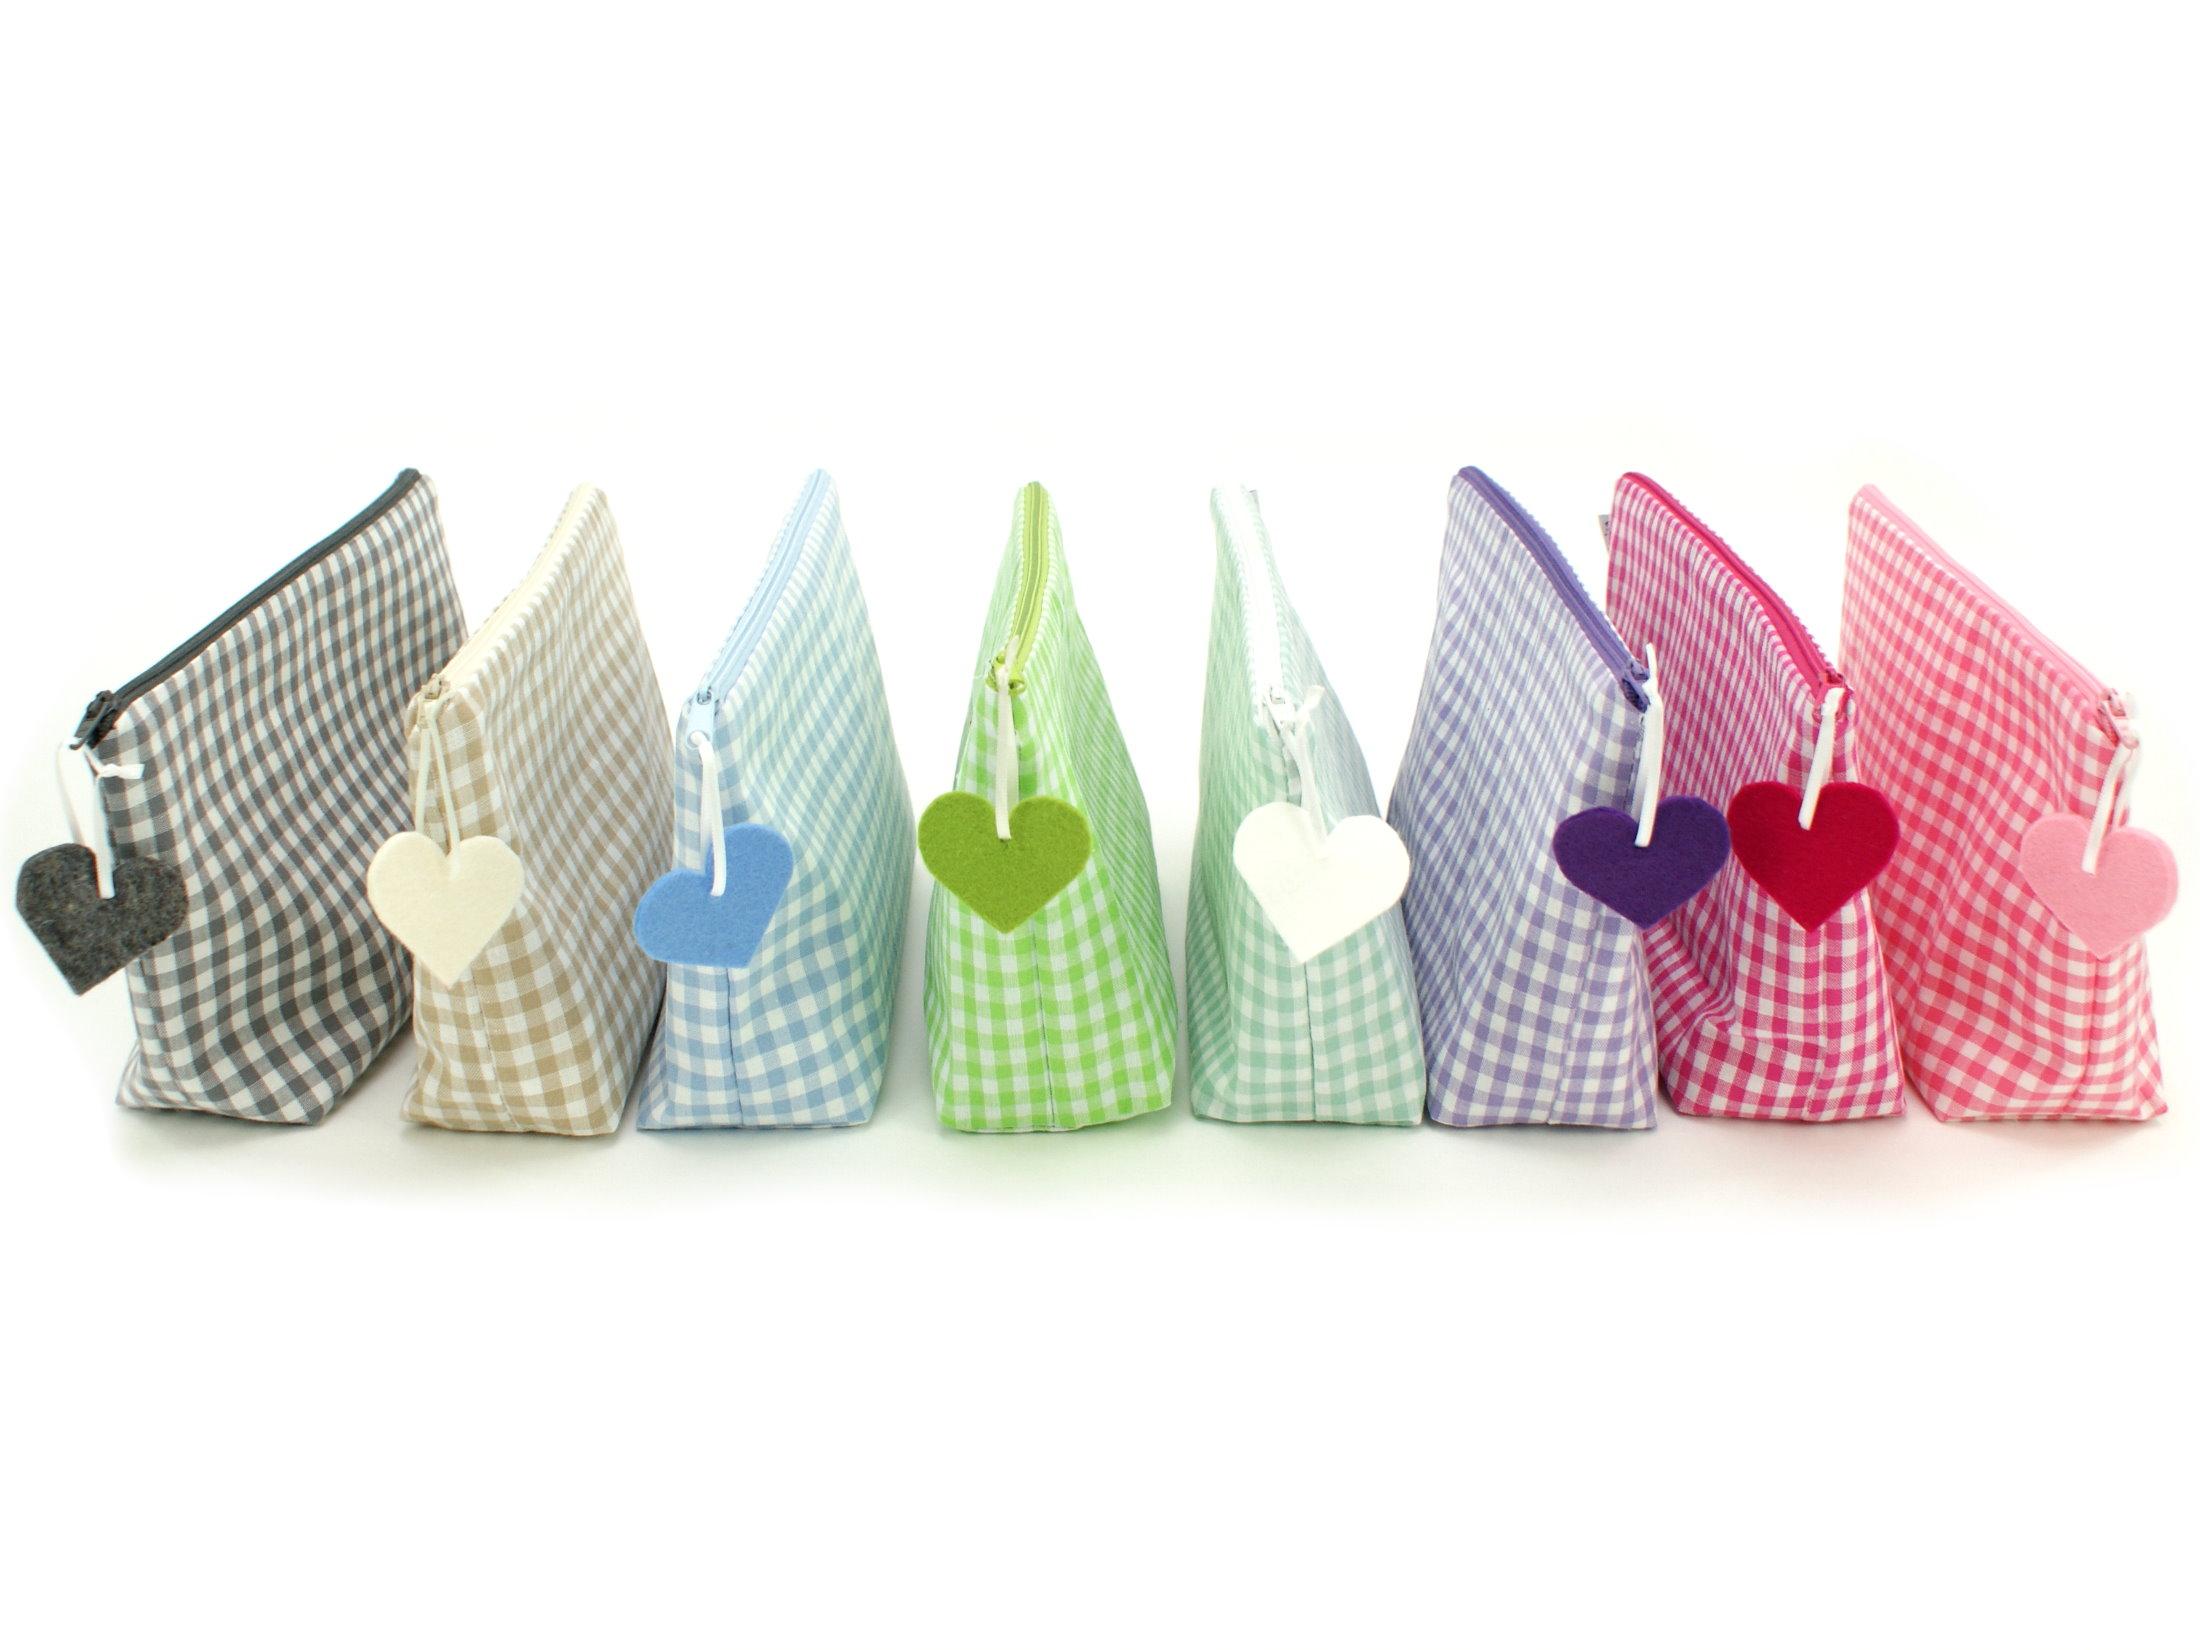 Karo Kulturtasche mit Namen bestickt in 8 Farben